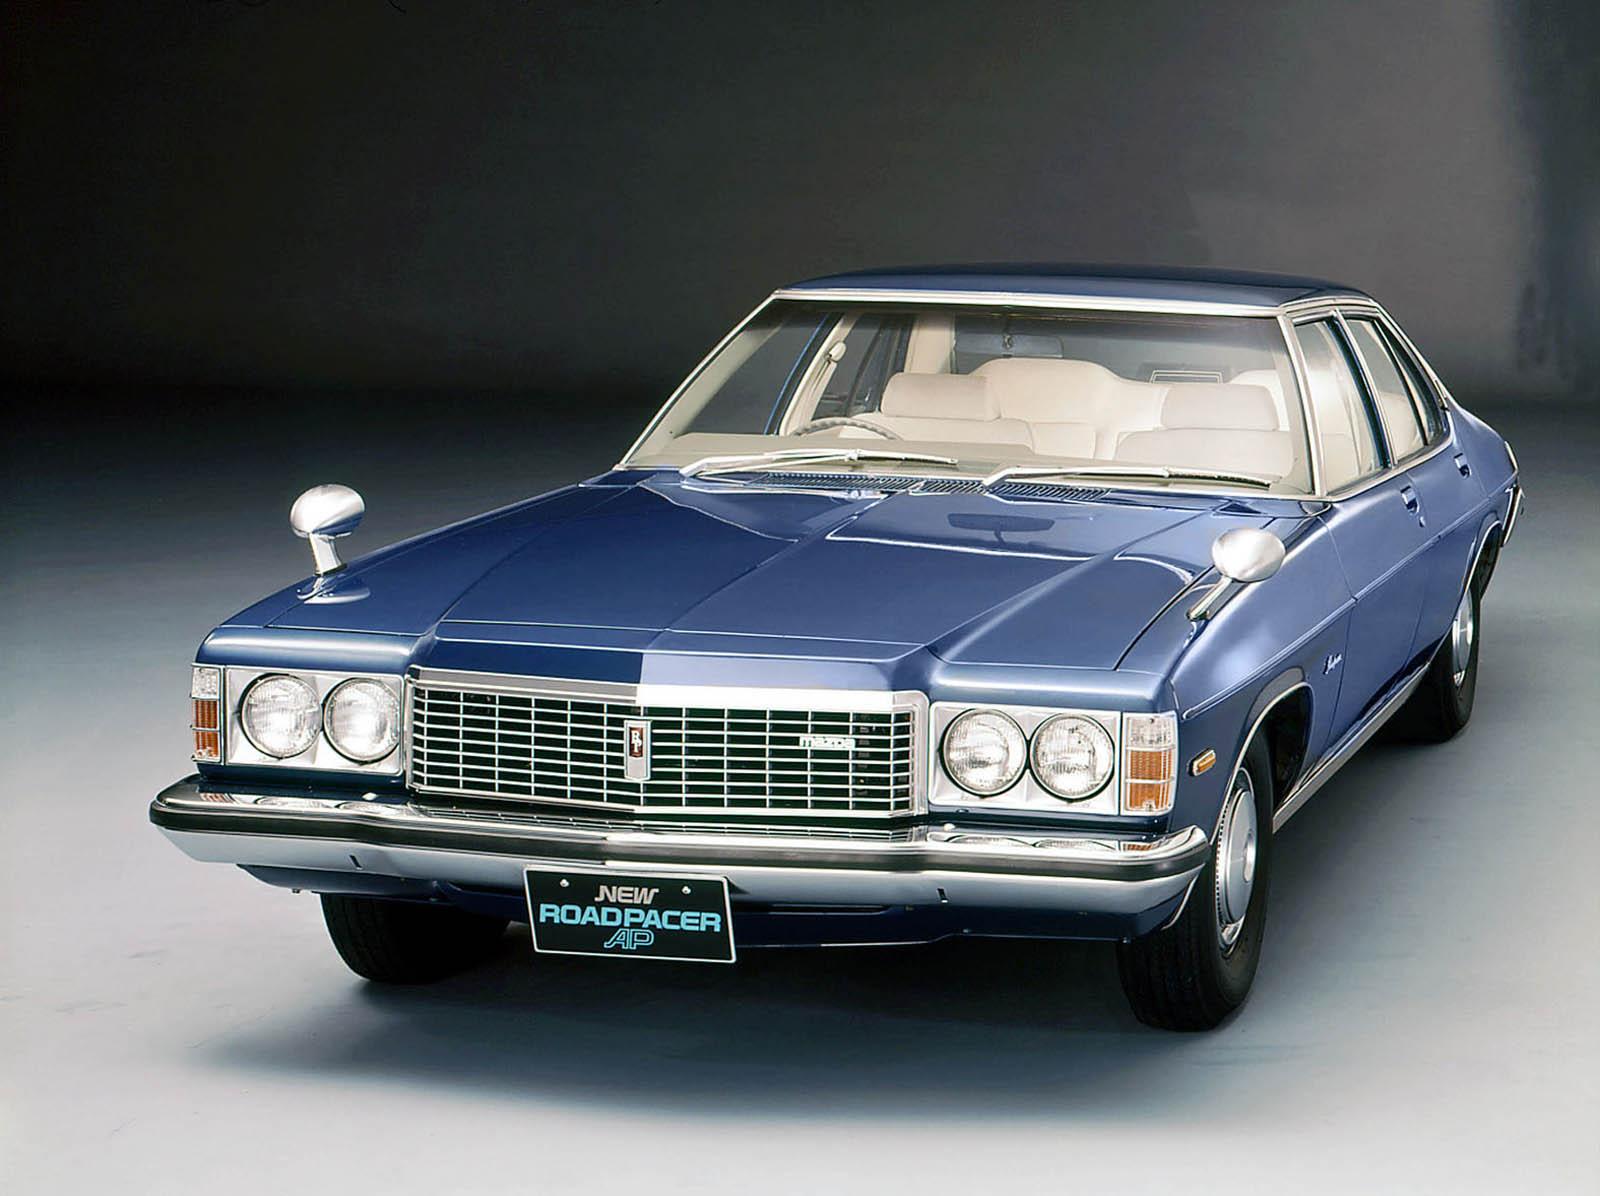 Mazda-50-years-of-rotary-p29_03